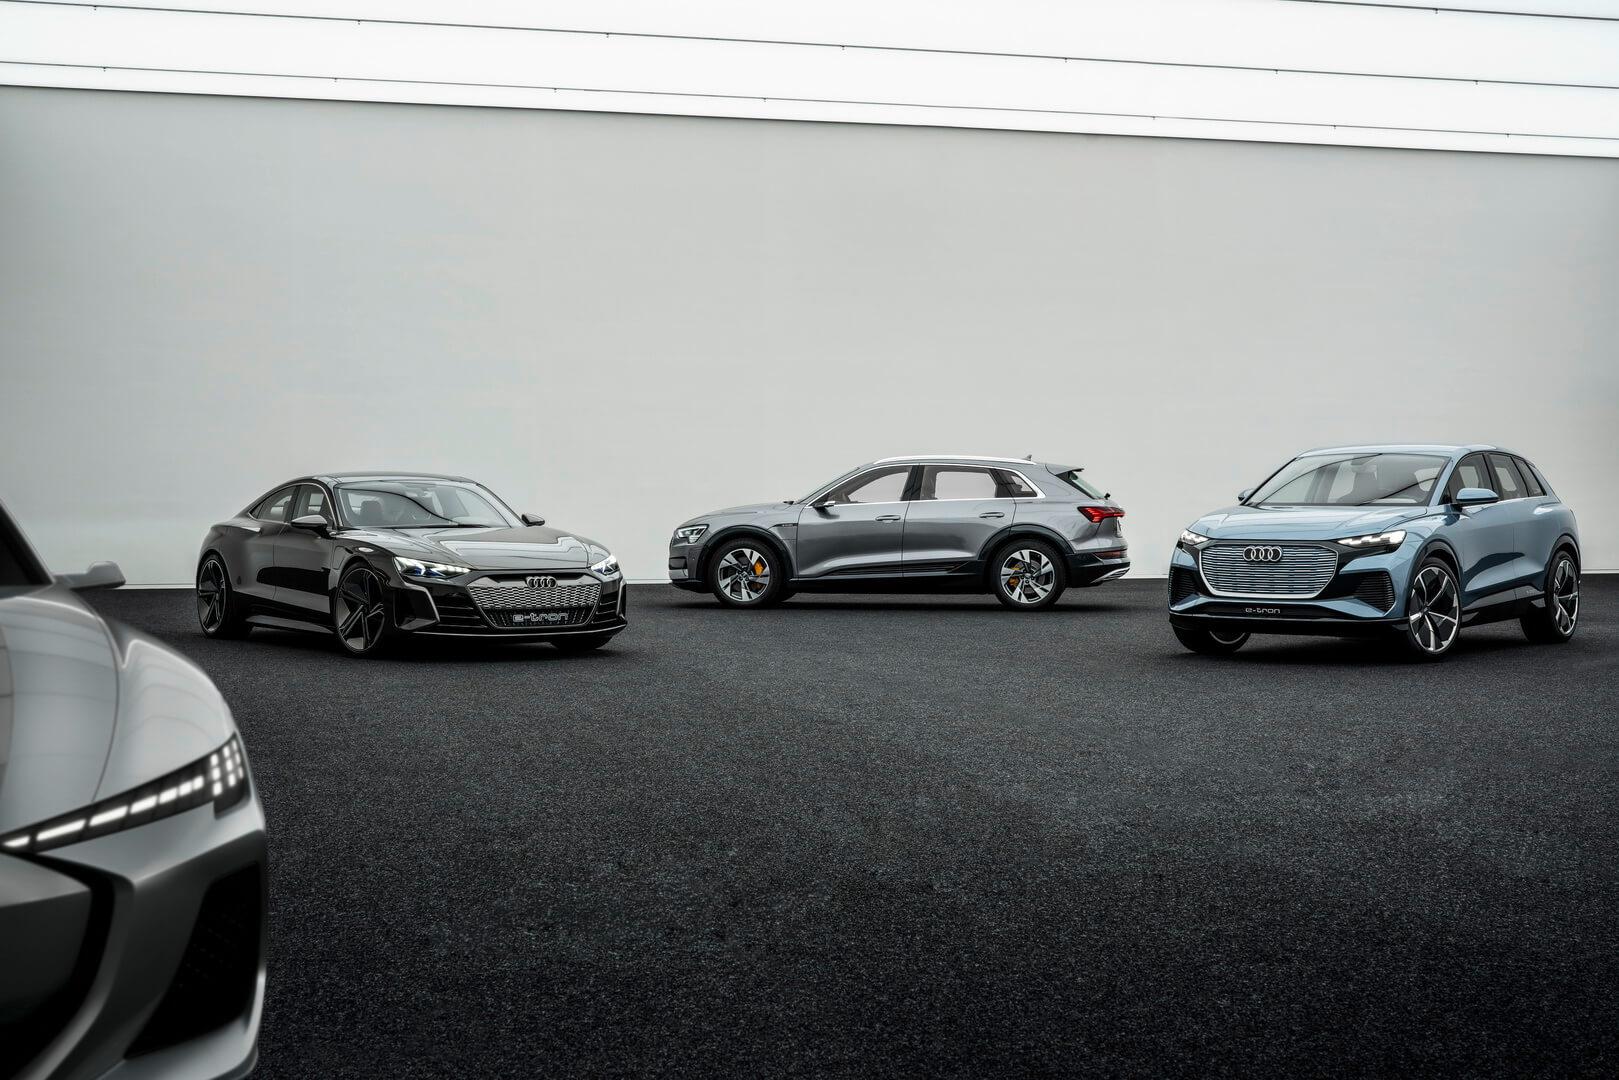 Неизвестный концепт → Audi e-tron GT → Audi e-tron quattro → Audi Q4 e-tron